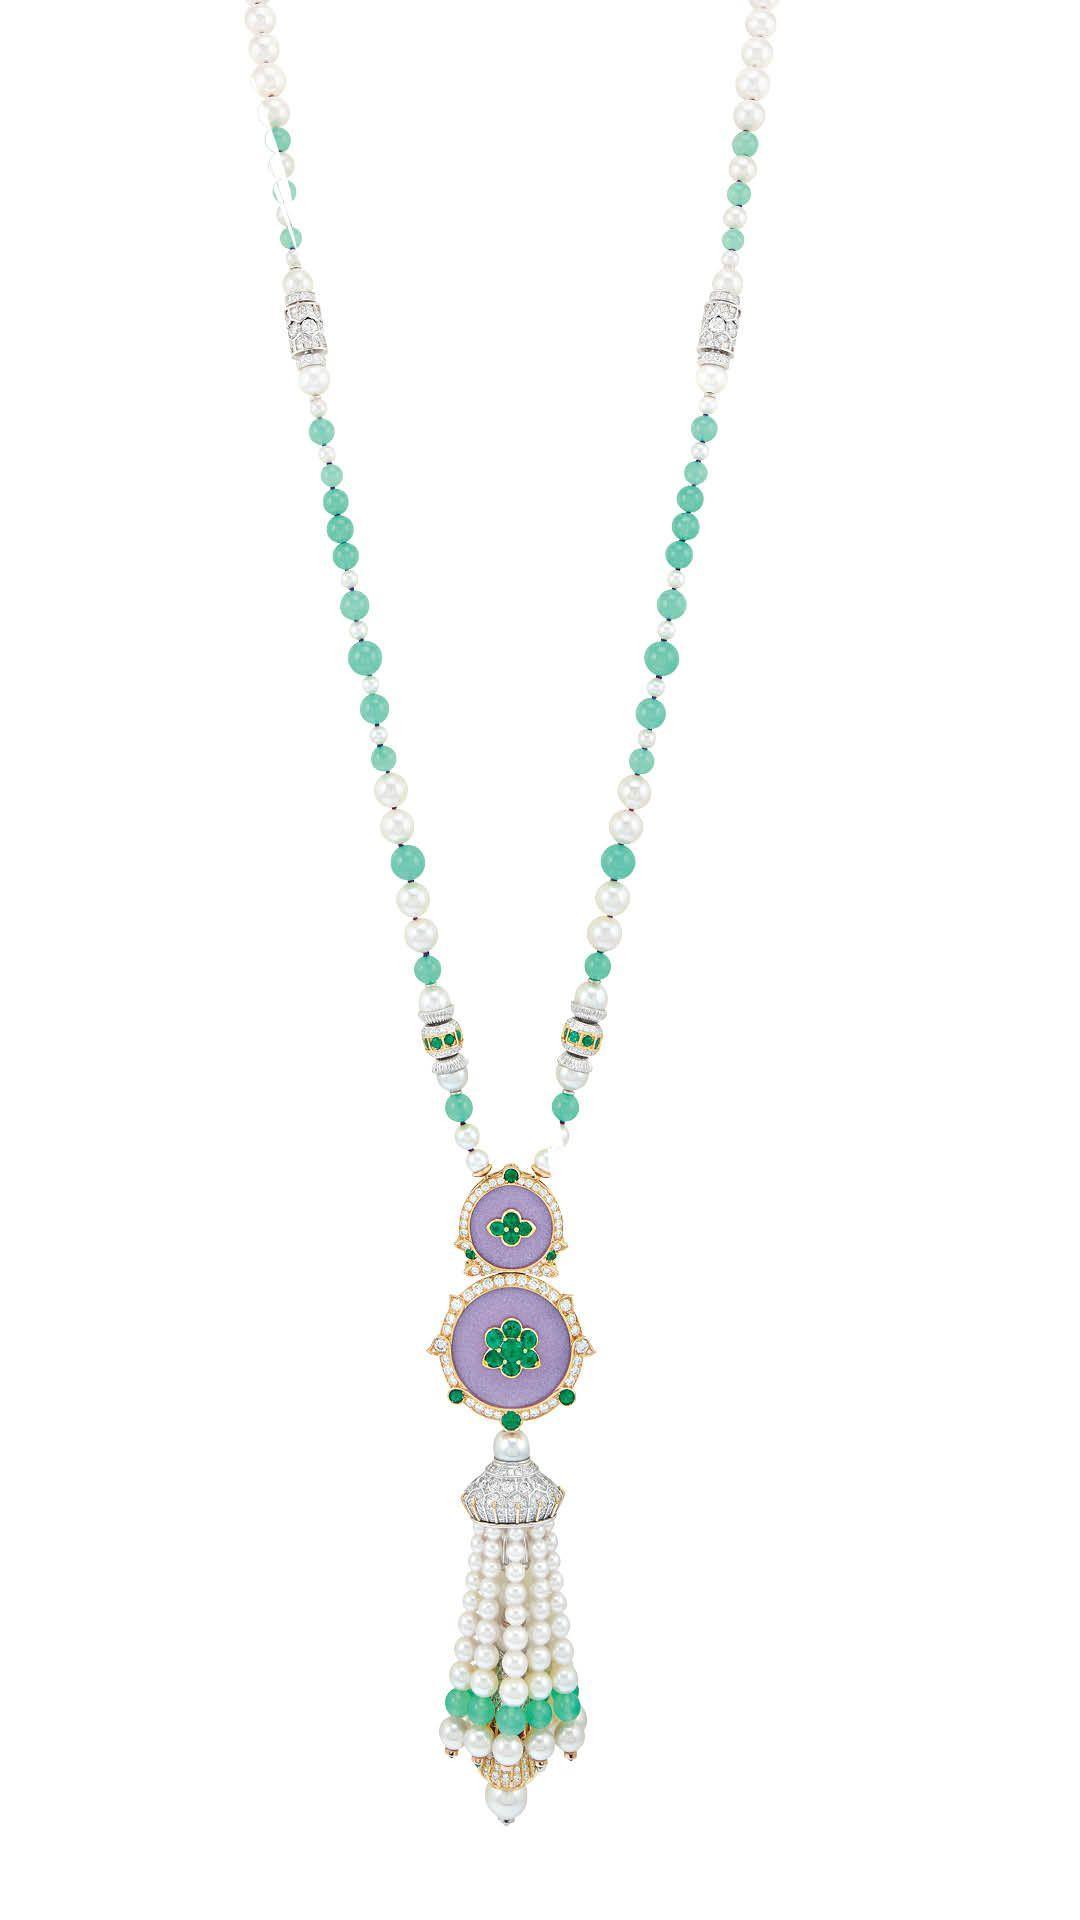 Van Cleef & Arpels Jeanne Antoinette long necklace